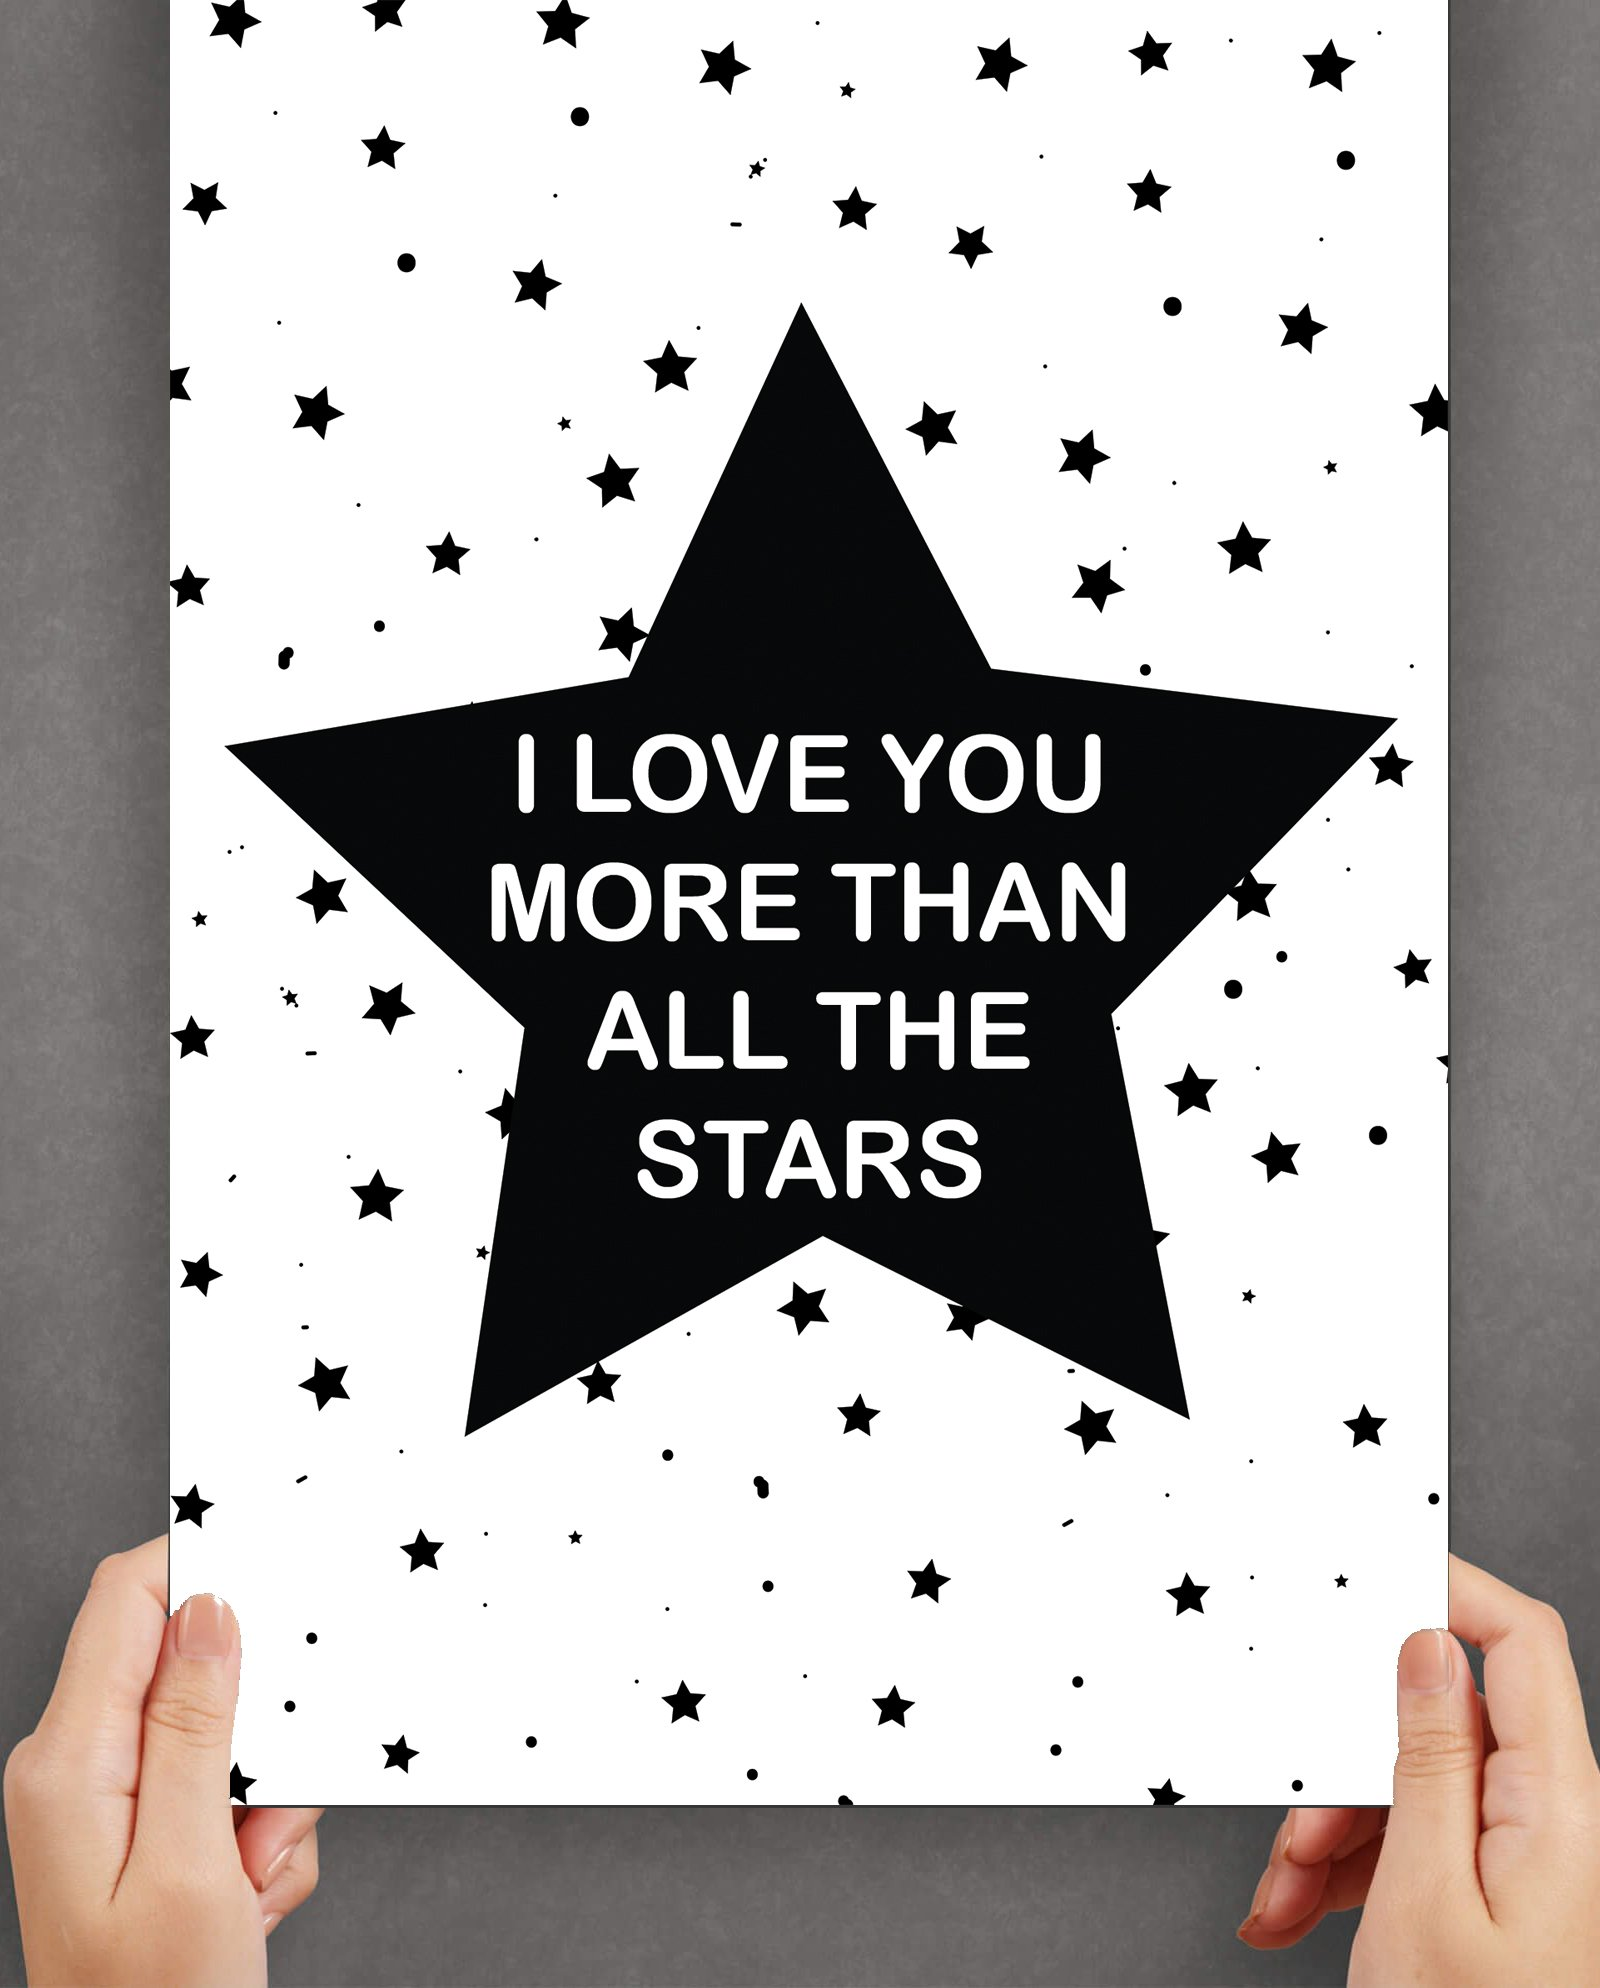 stjerner-kaerlighed-3